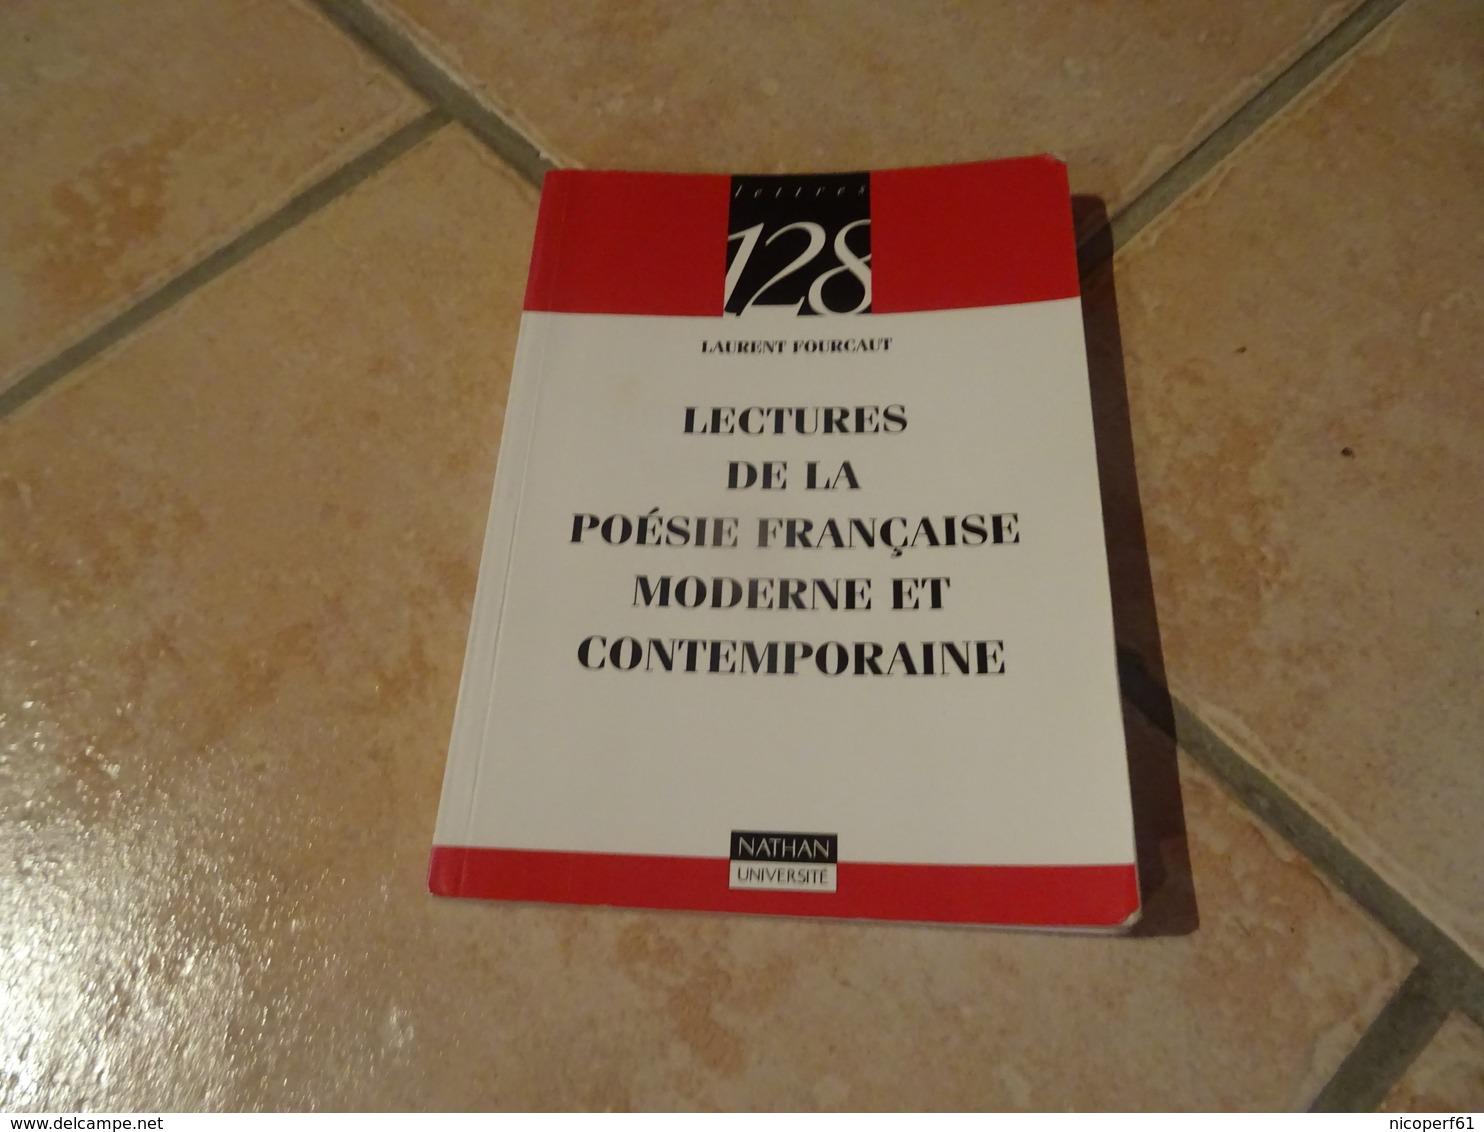 Lectures De La Poésie Française Moderne Et Contemporaine - Poésie